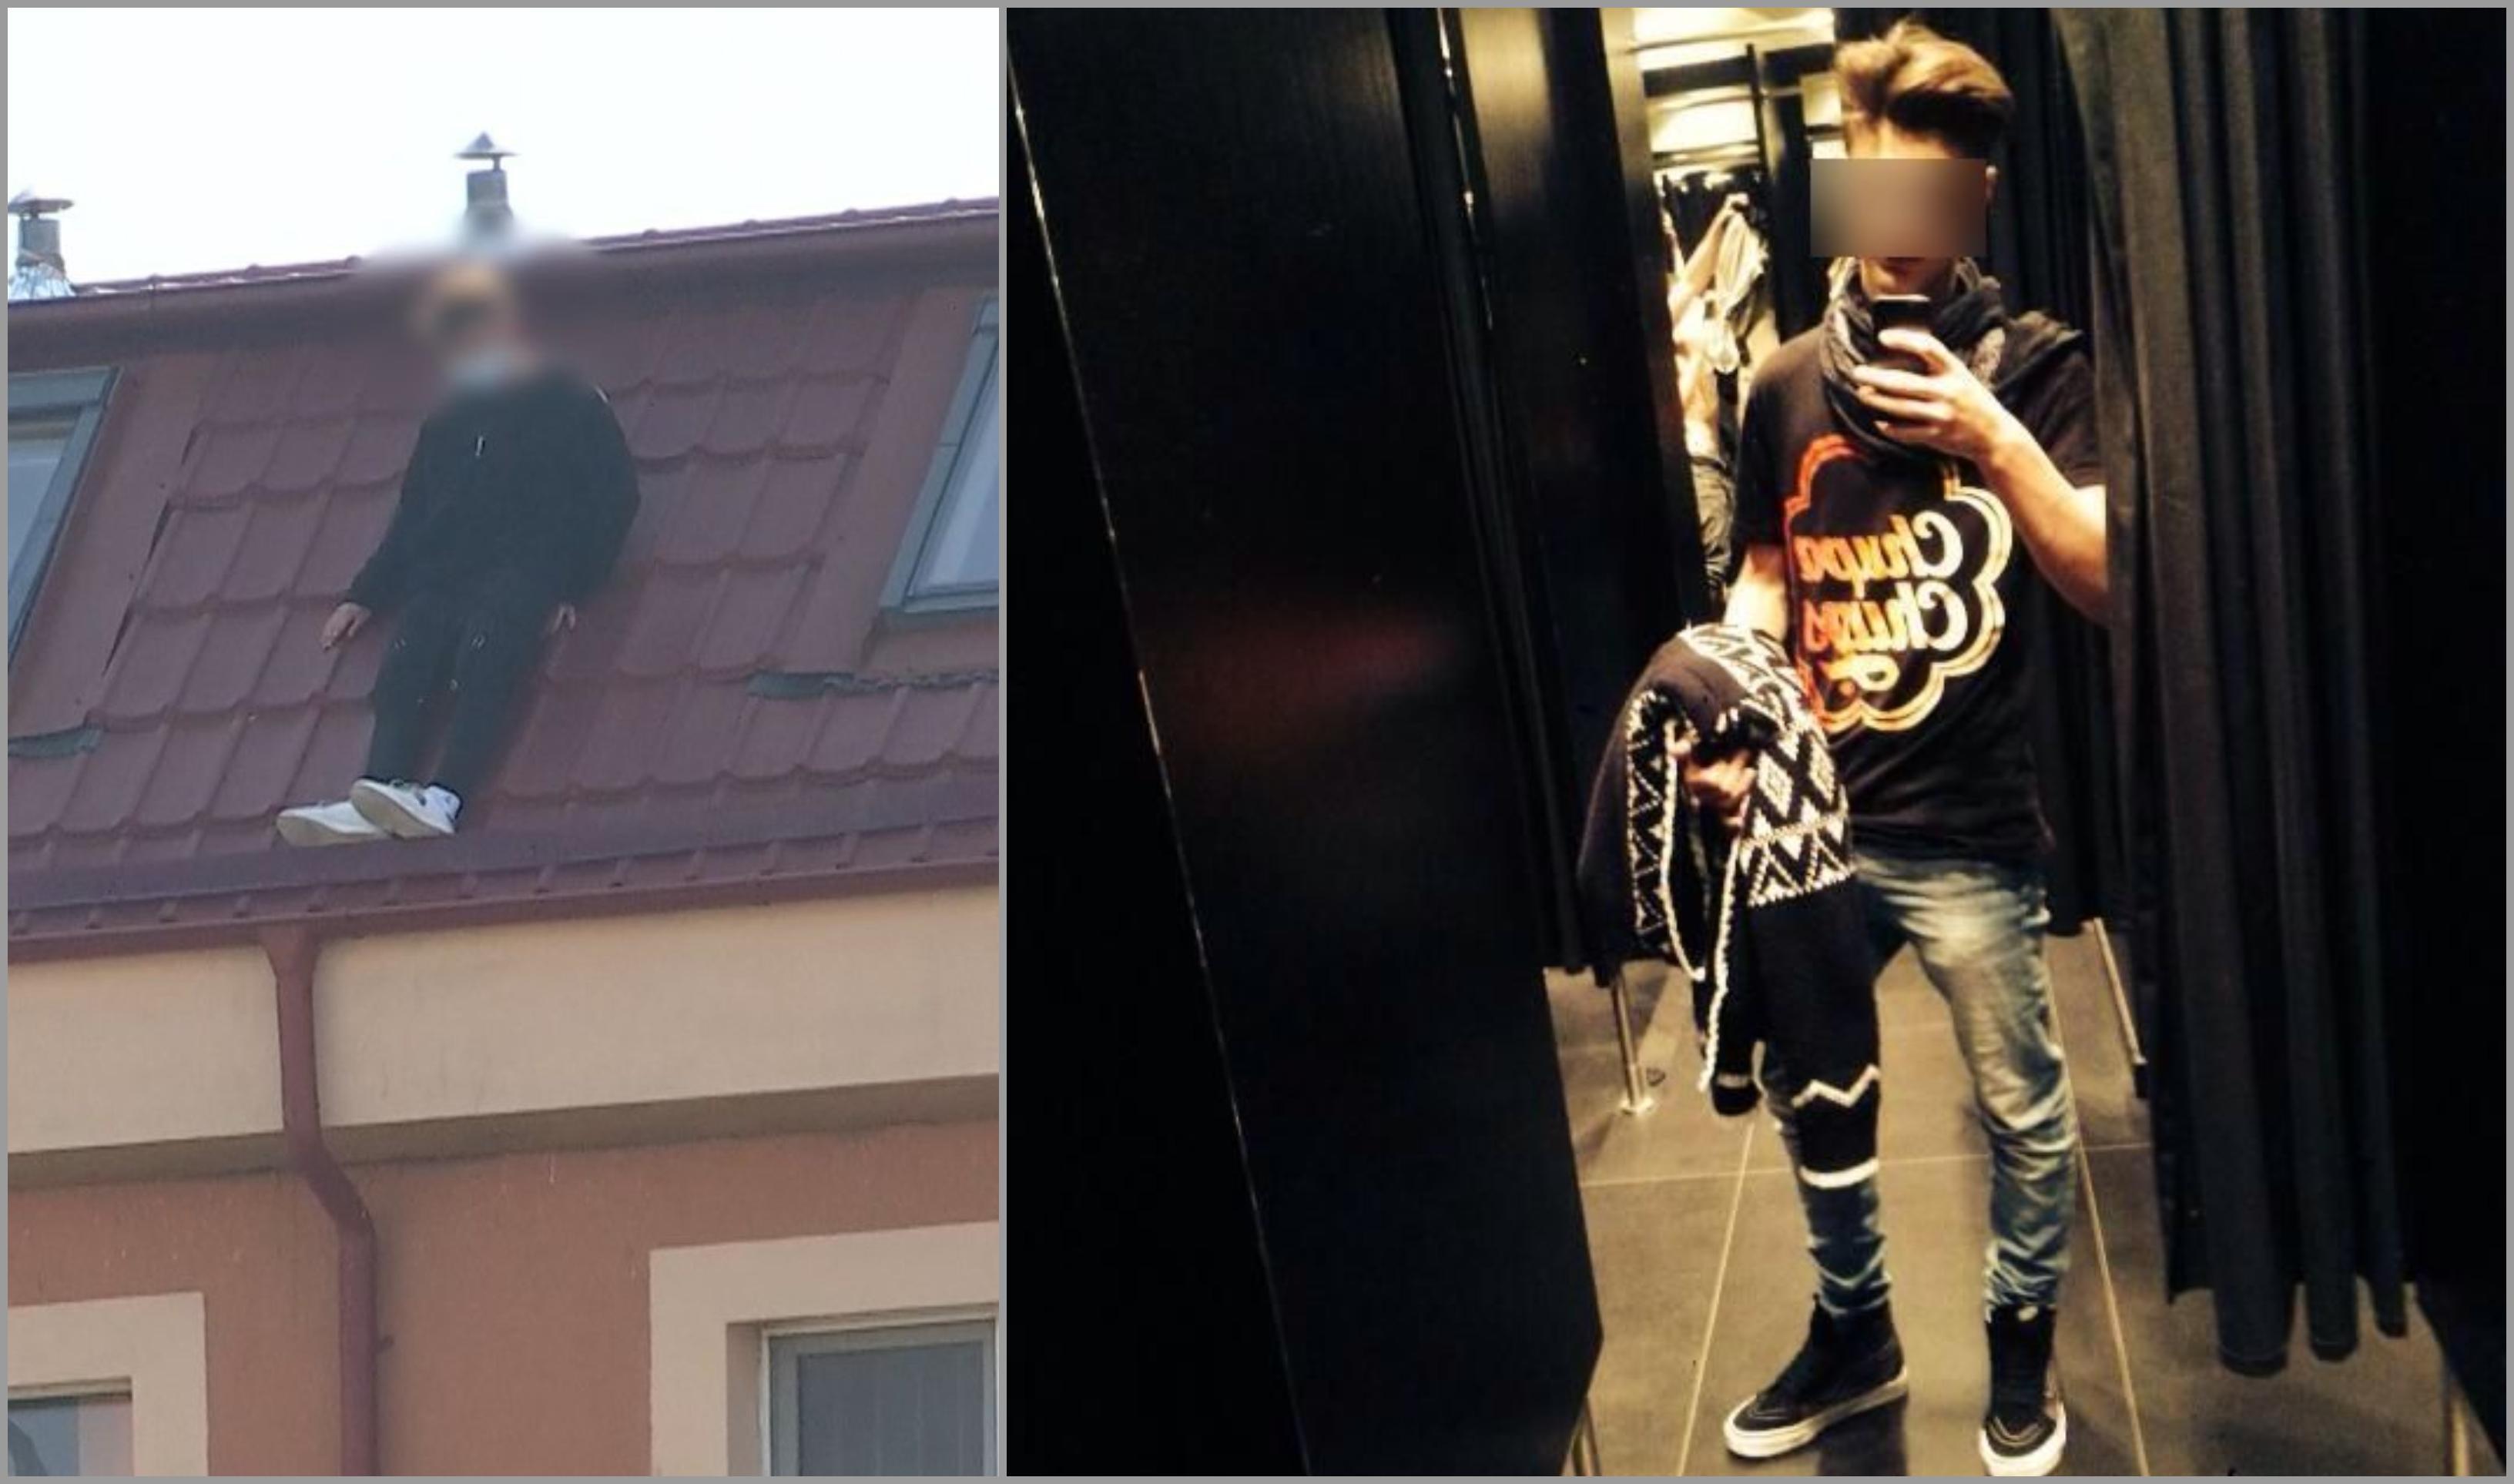 Alexandru în momentul în care ameninţa că se aruncă de pe o clădire din Bucureşti, colaj cu un selfie dintr-o cabină de probă